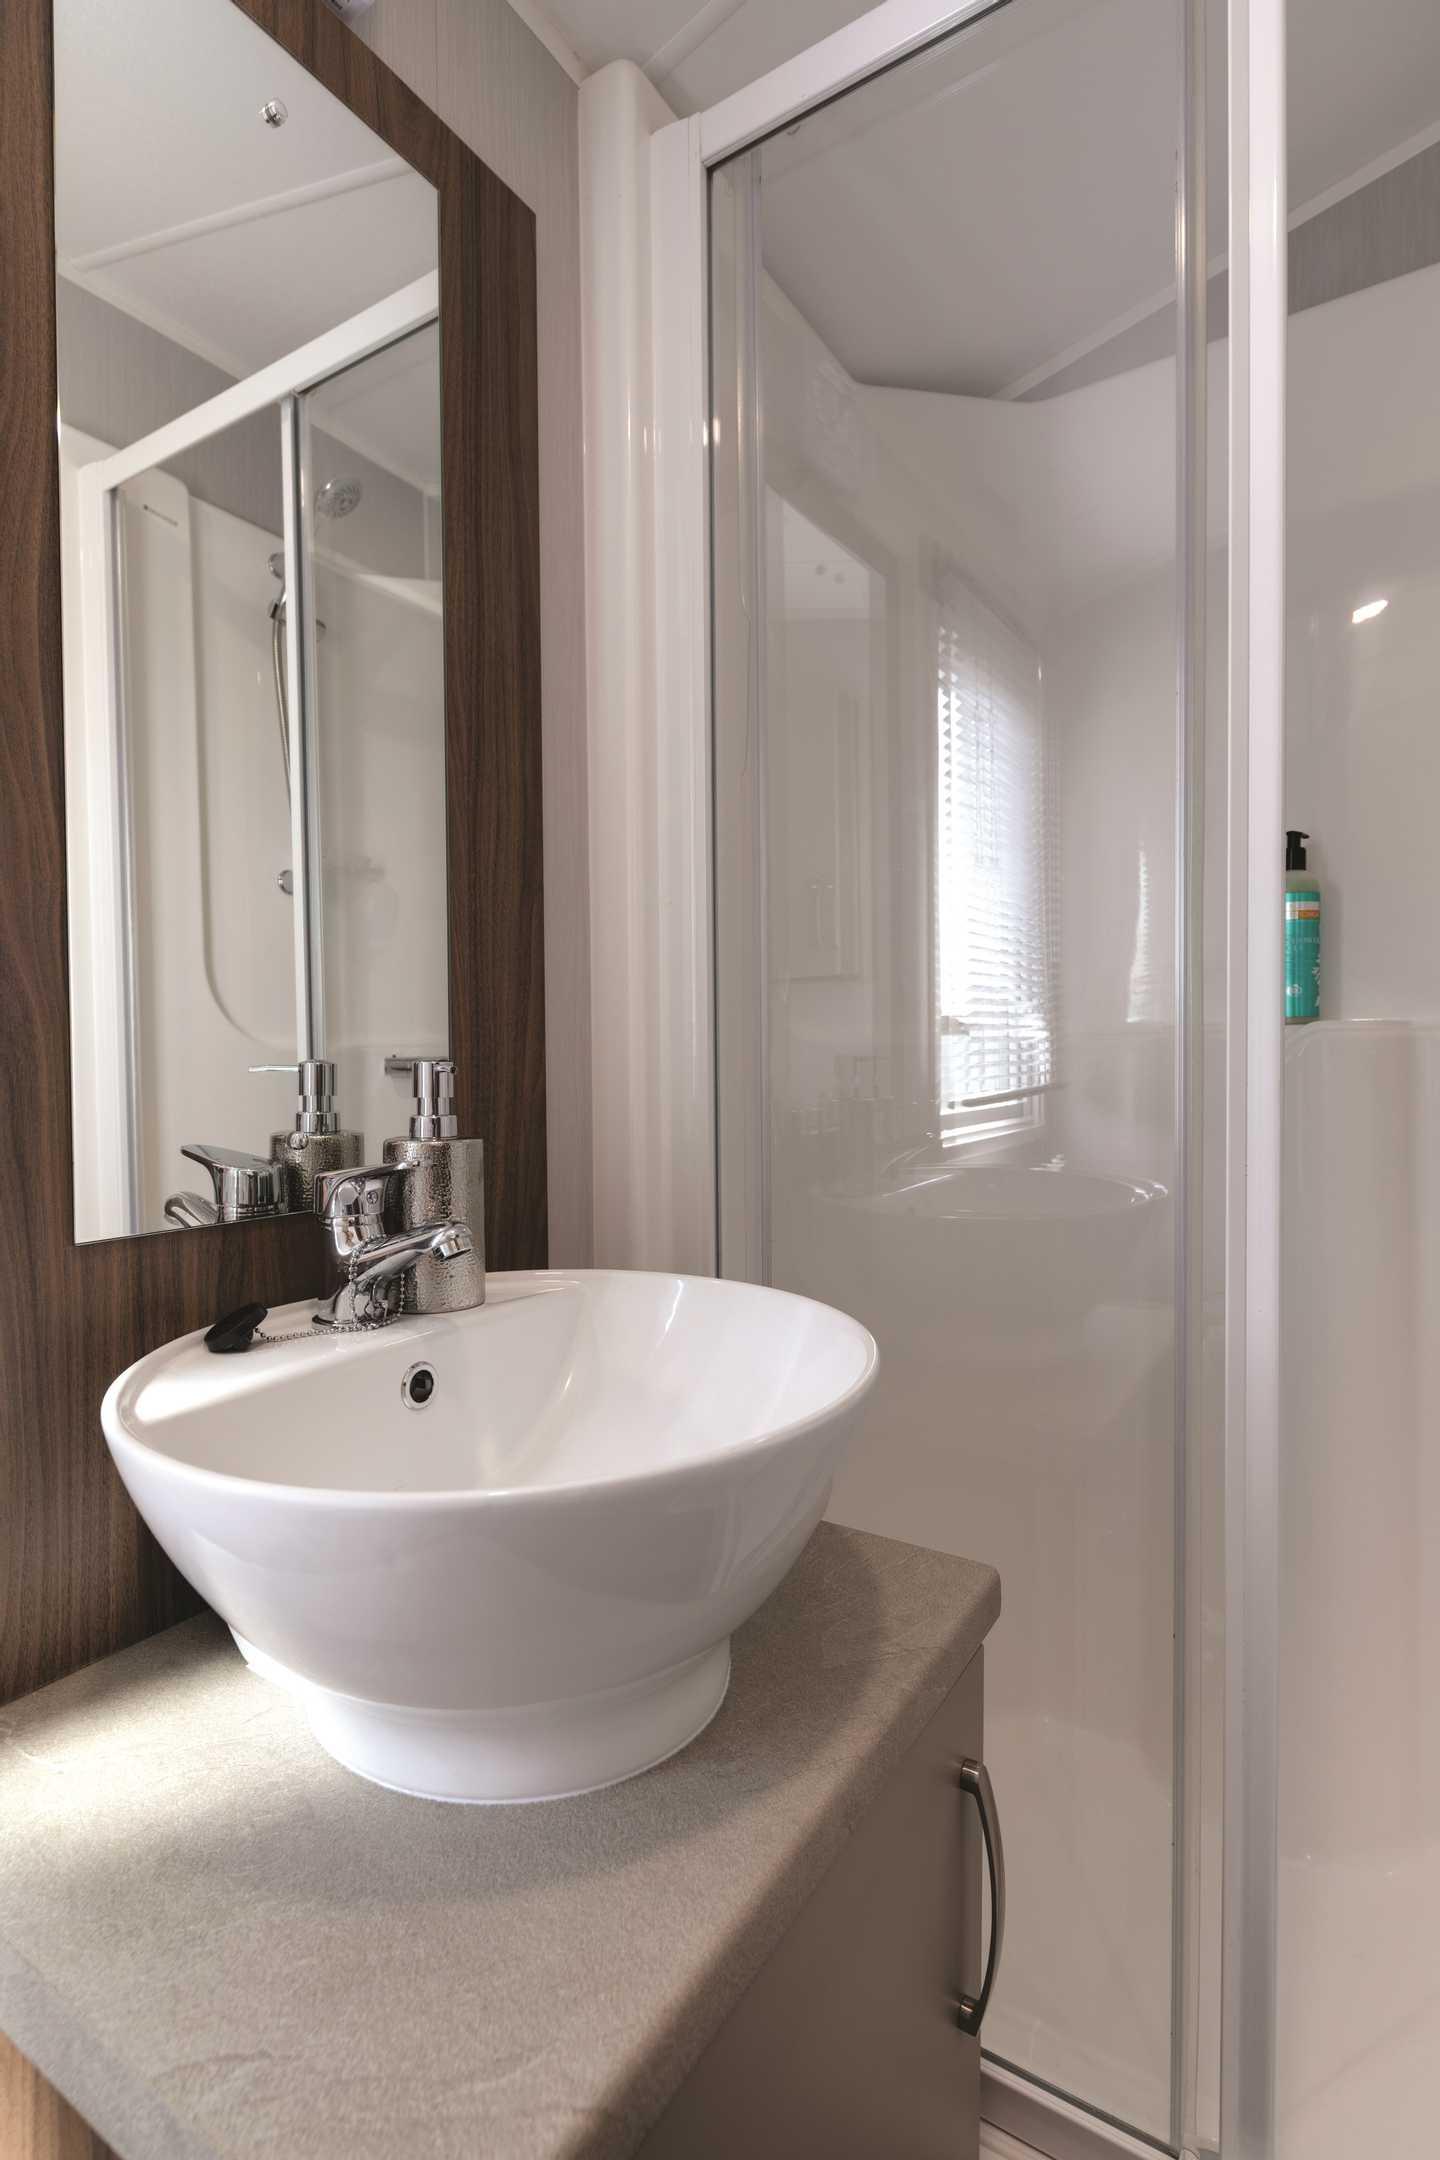 Willerby Avonmore bathroom